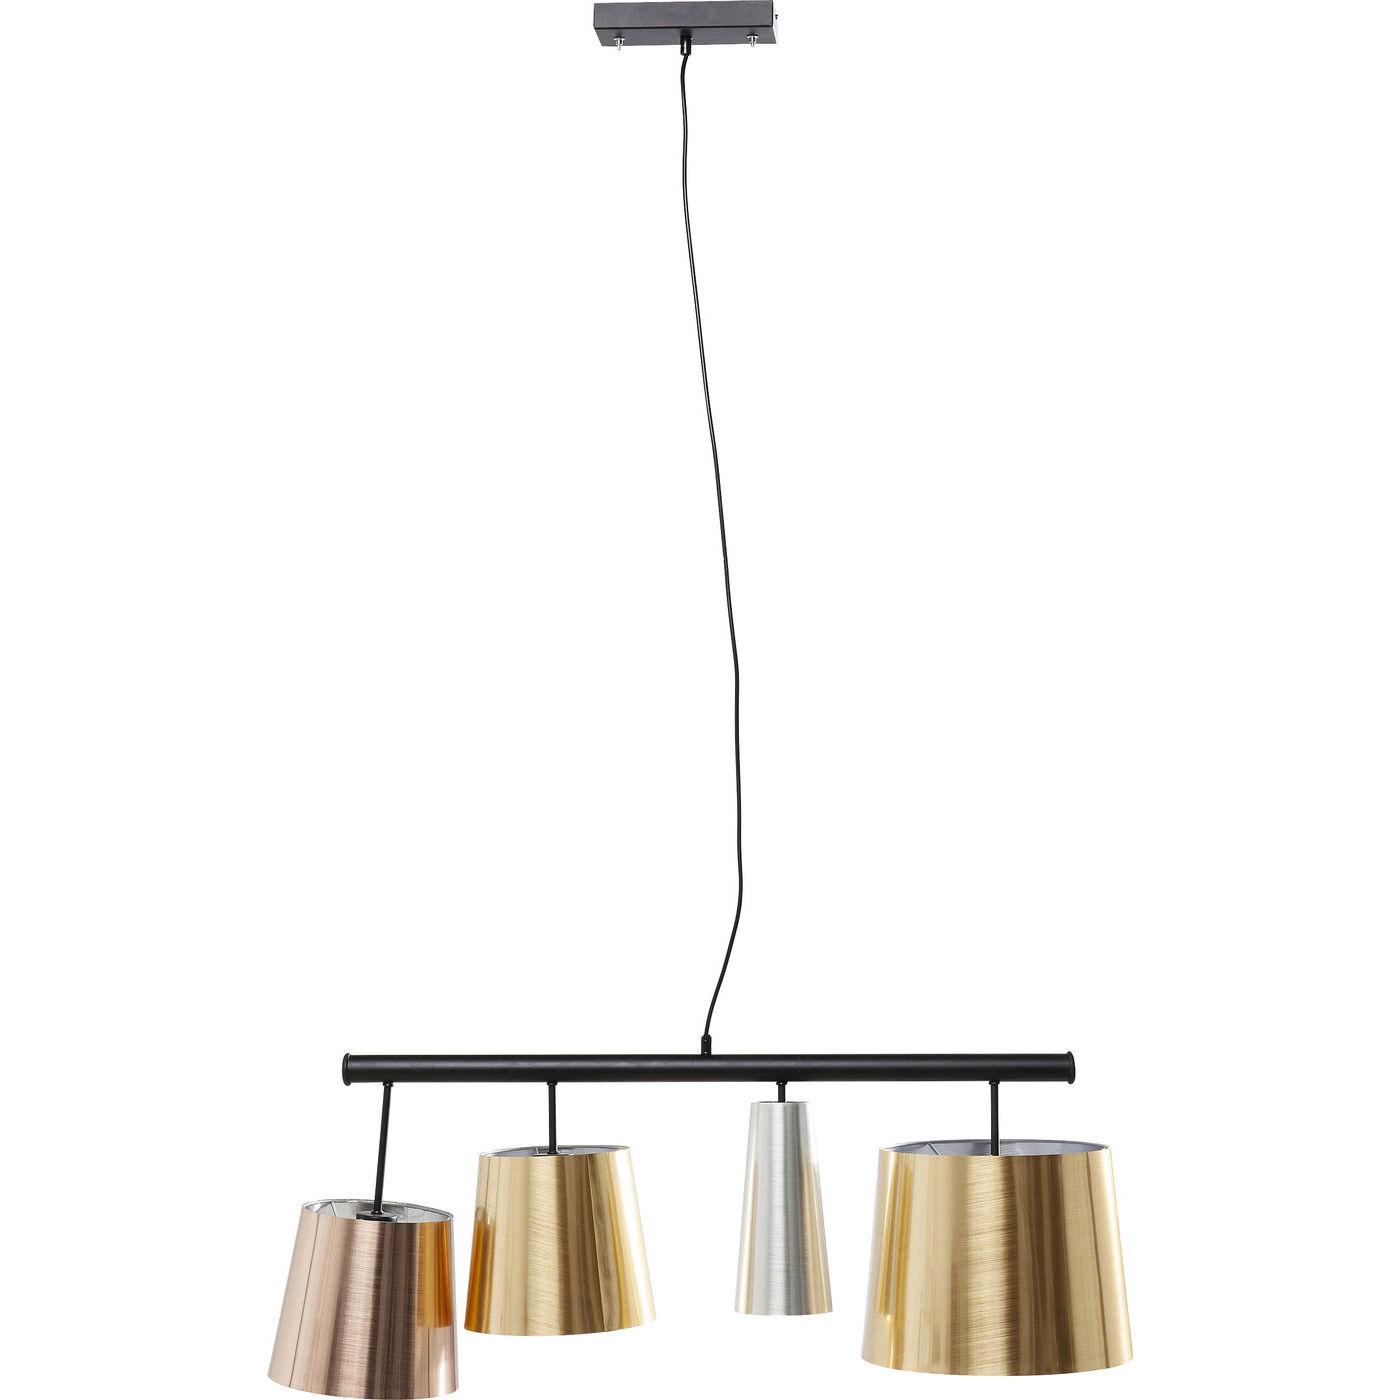 kare design Kare design parecchi glam shine loftlampe - guld/sølv/bronze plastik og sort stål på boboonline.dk